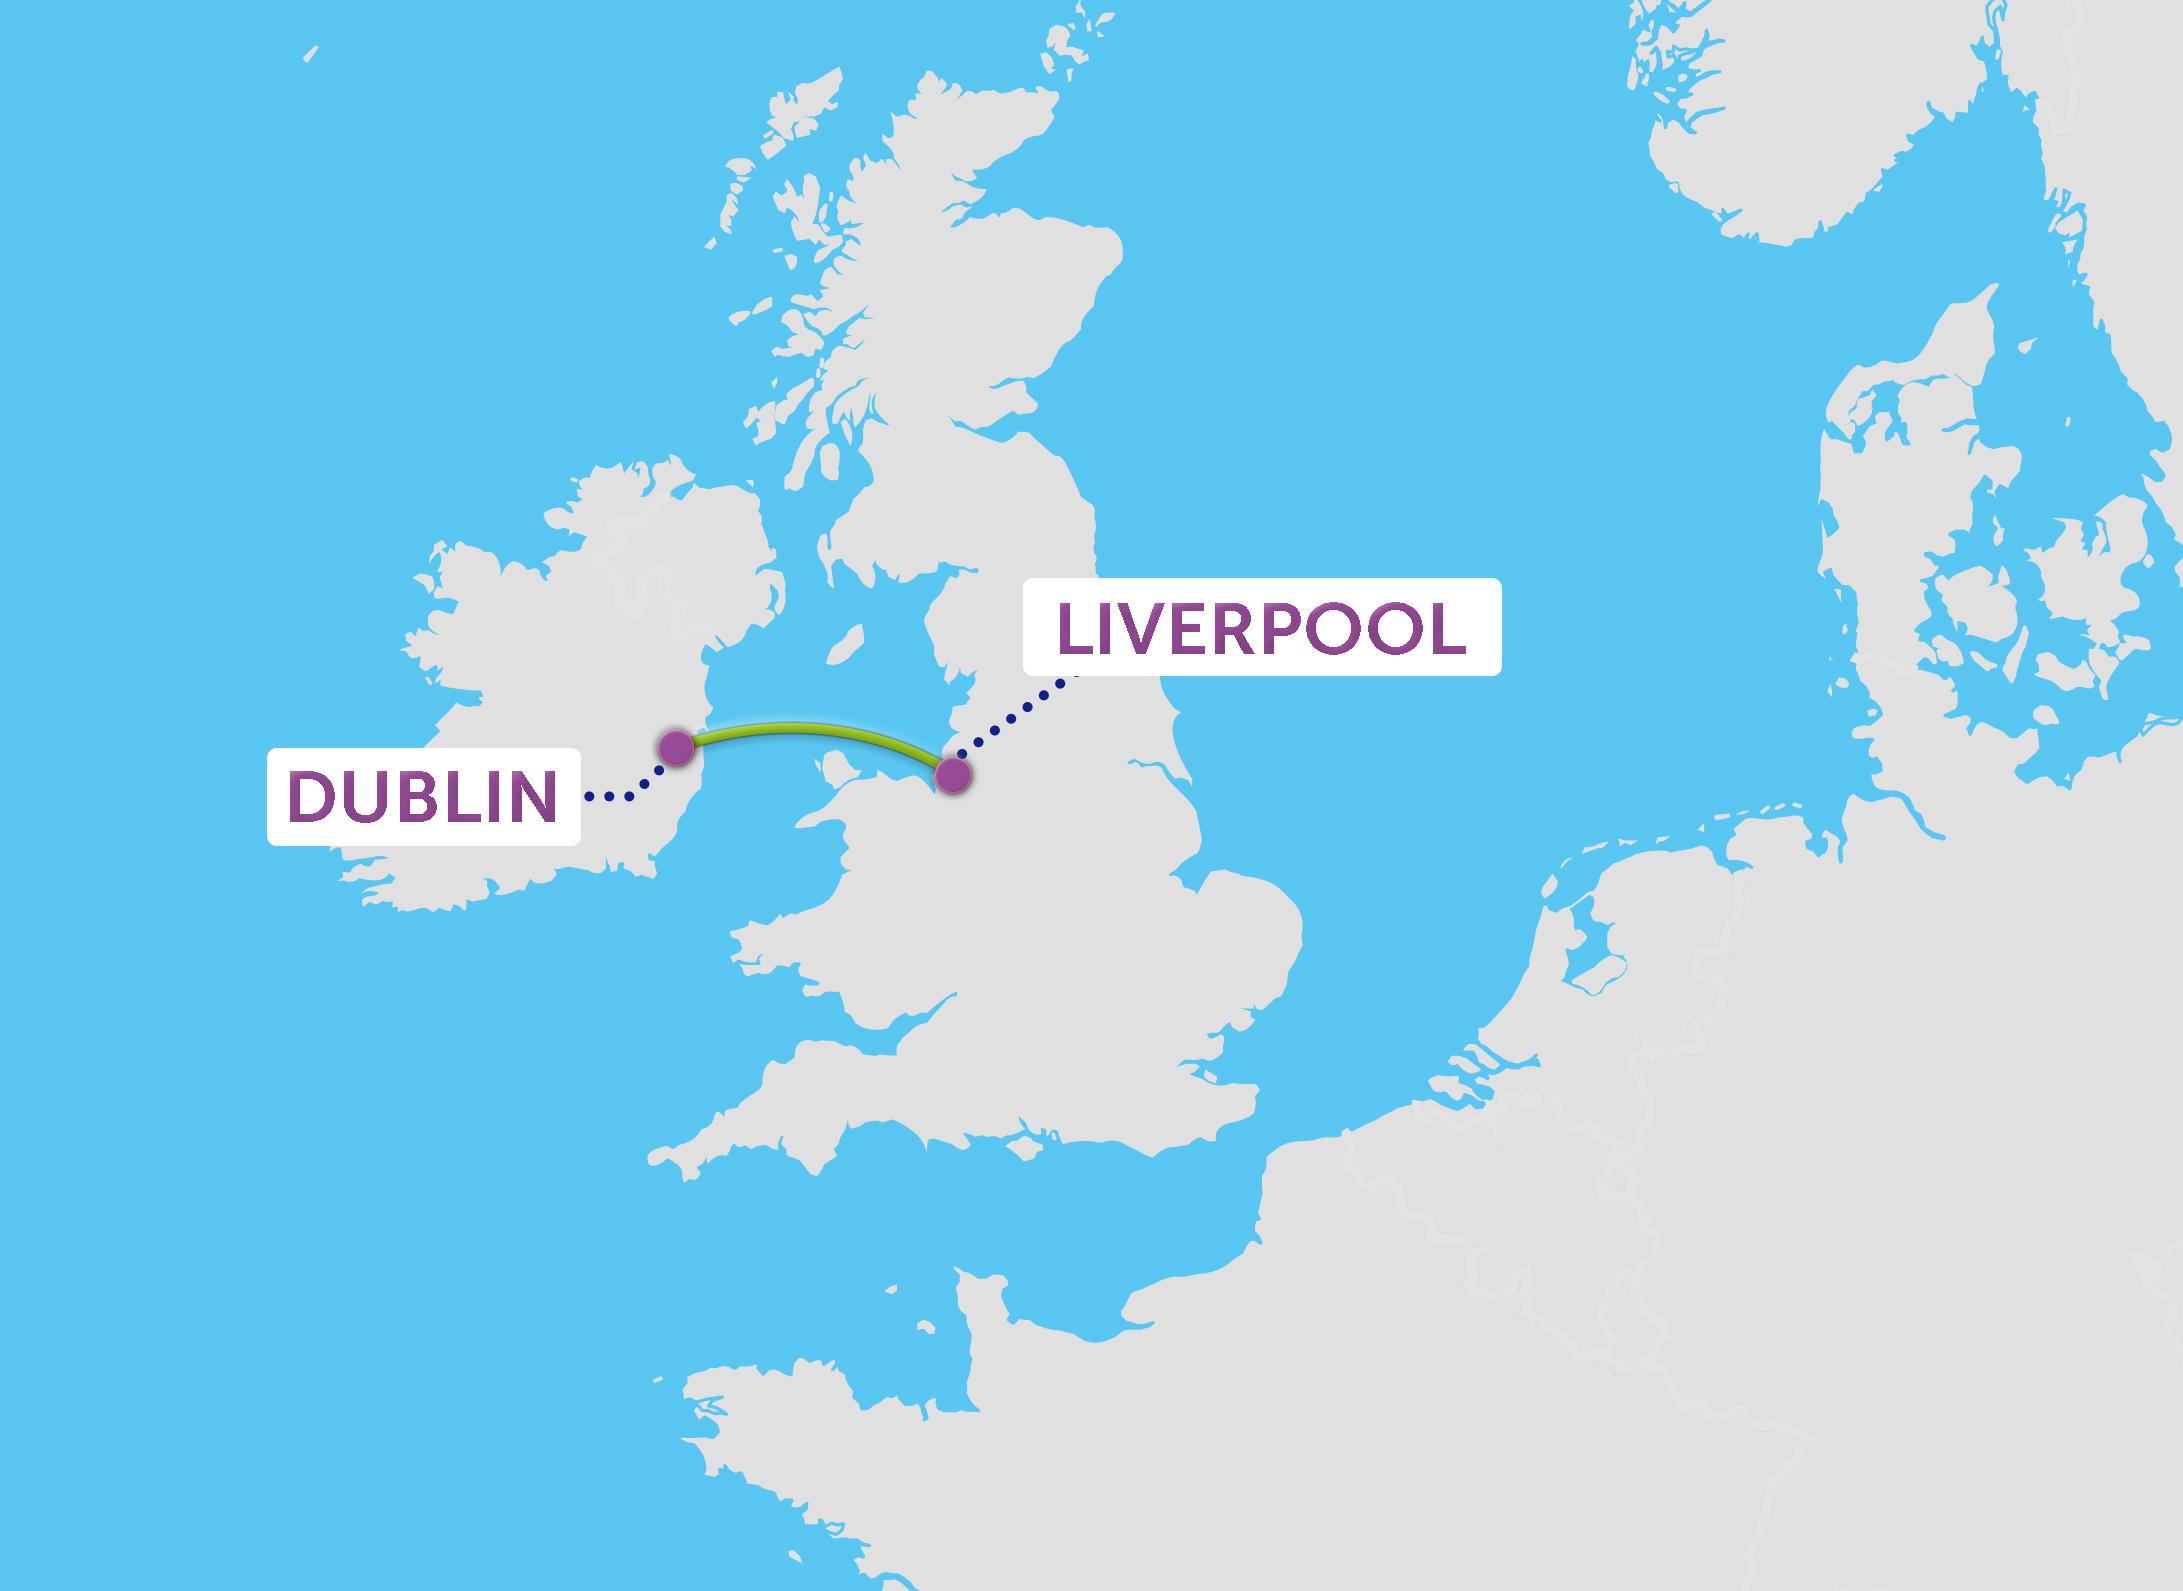 Dublin nach Liverpool